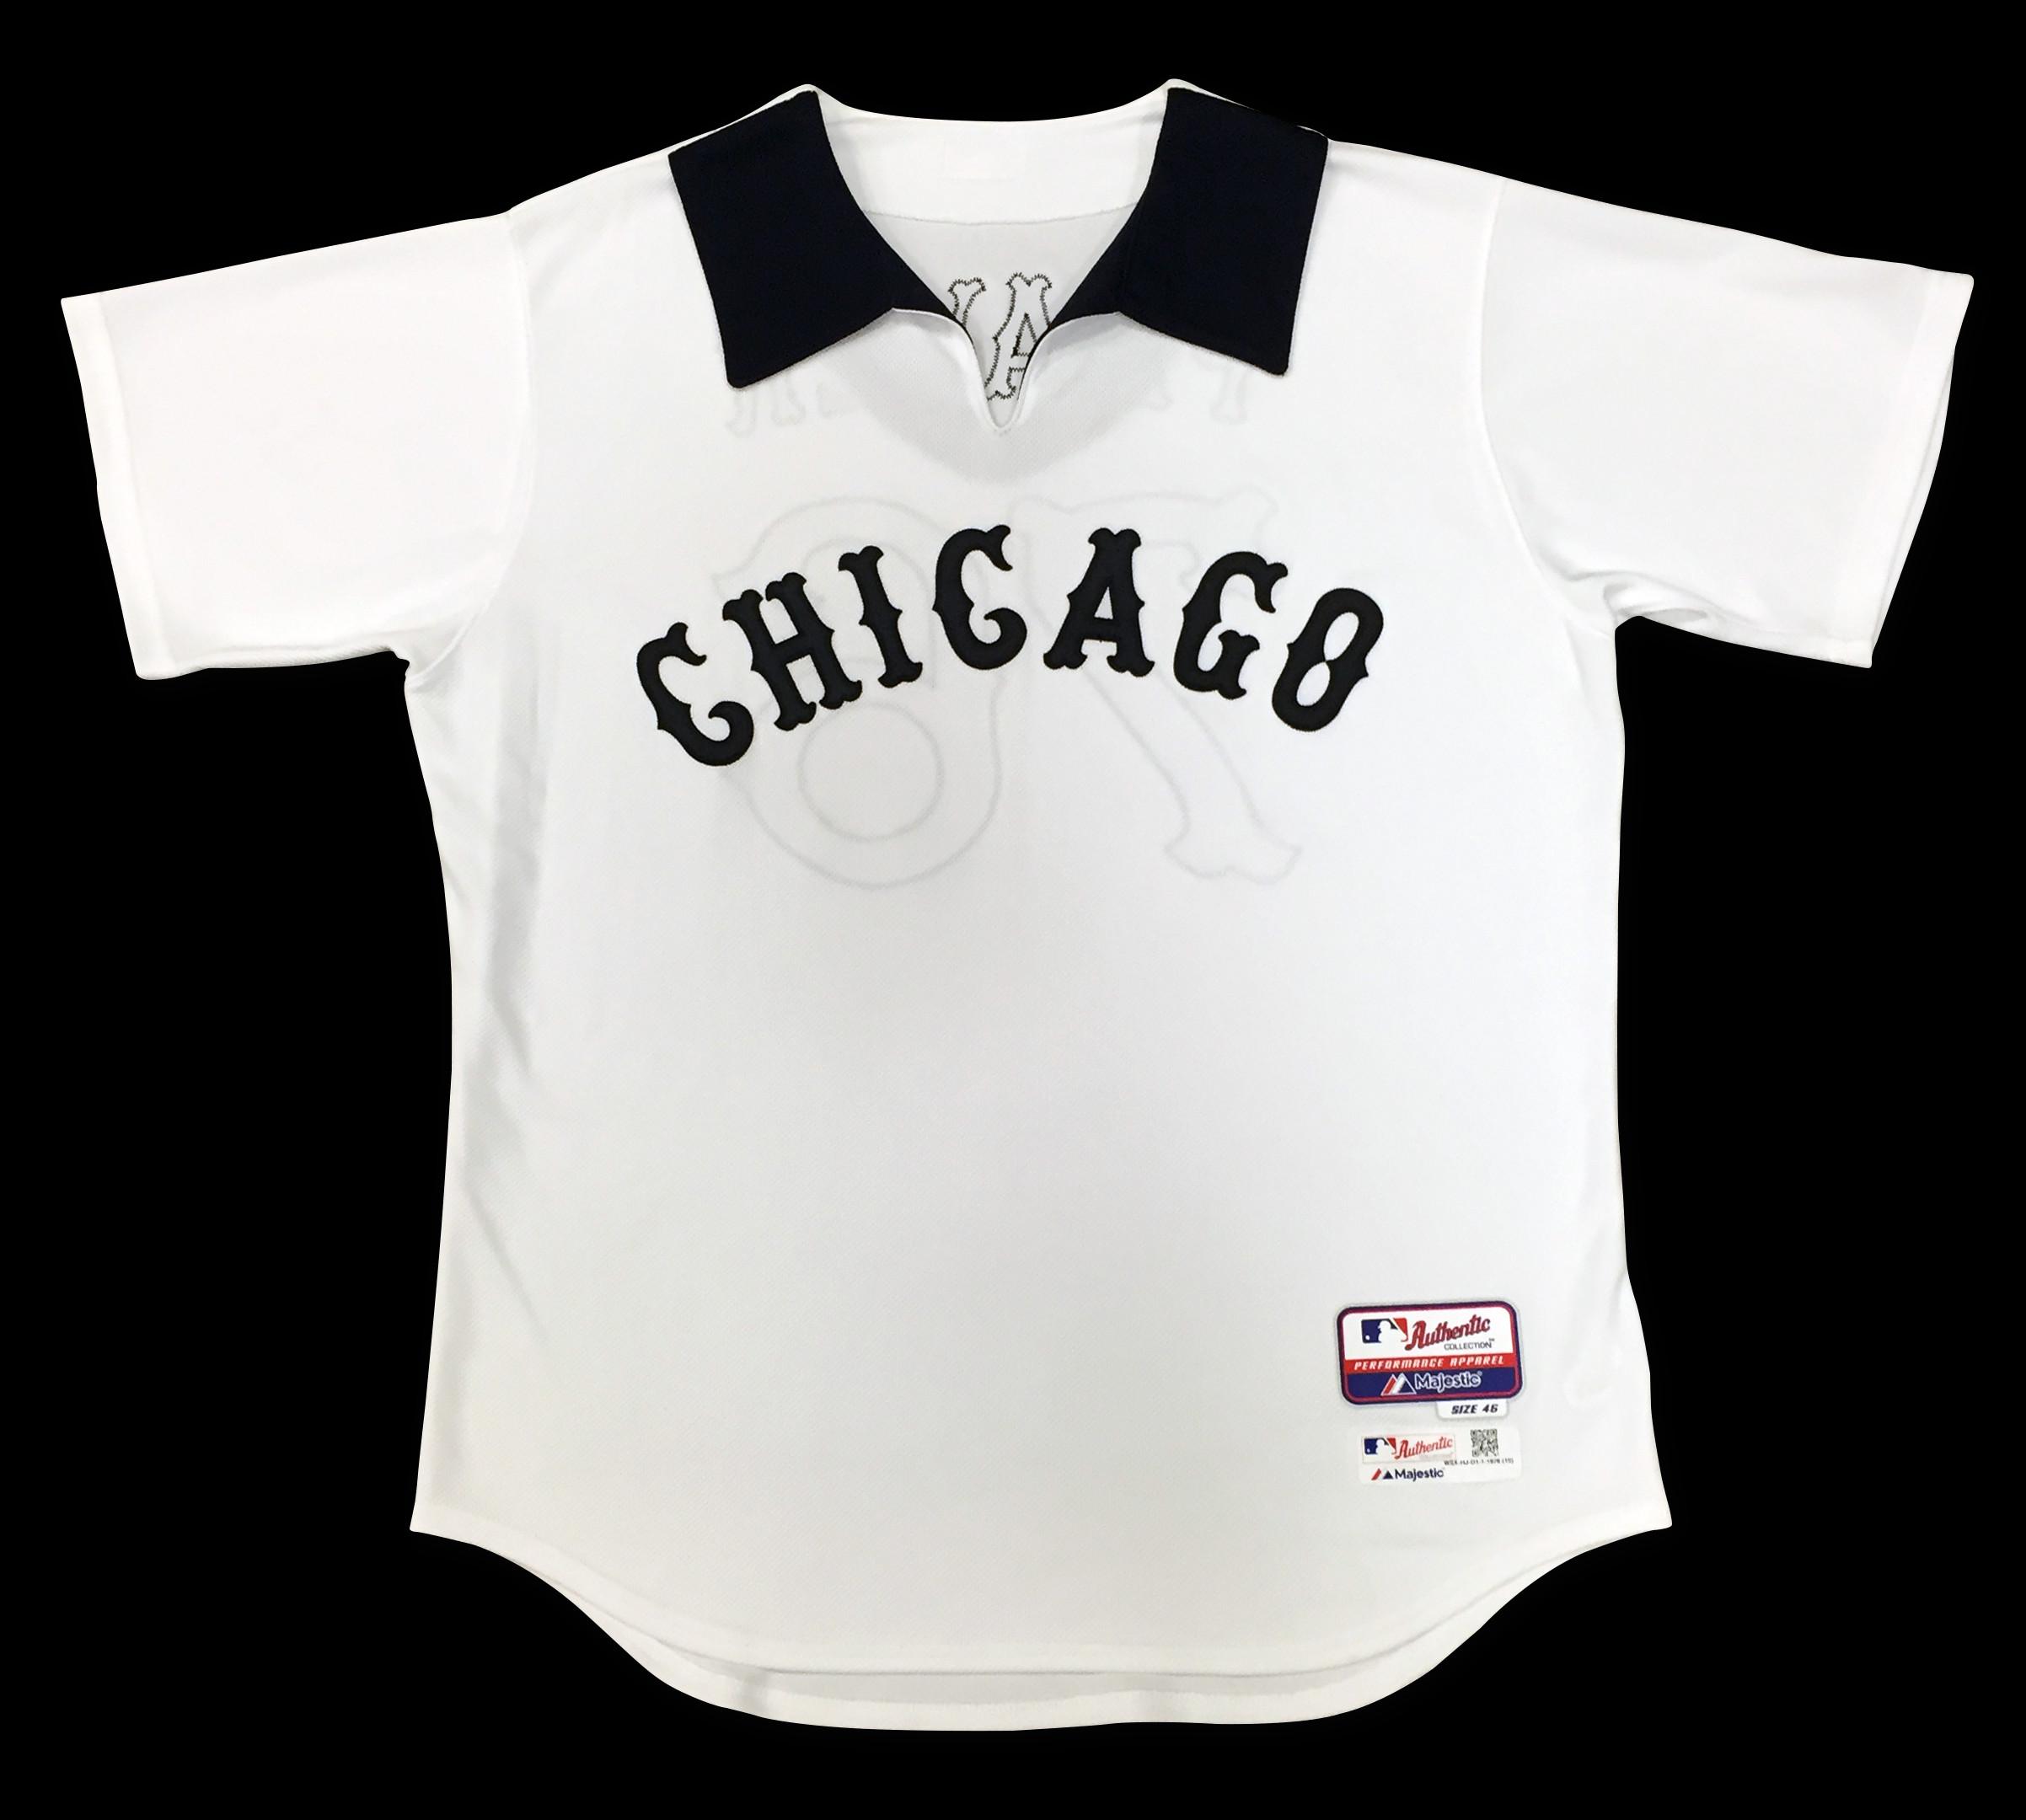 MLB Logo Chicago White Sox wallpaper HD 2016 in Baseball .